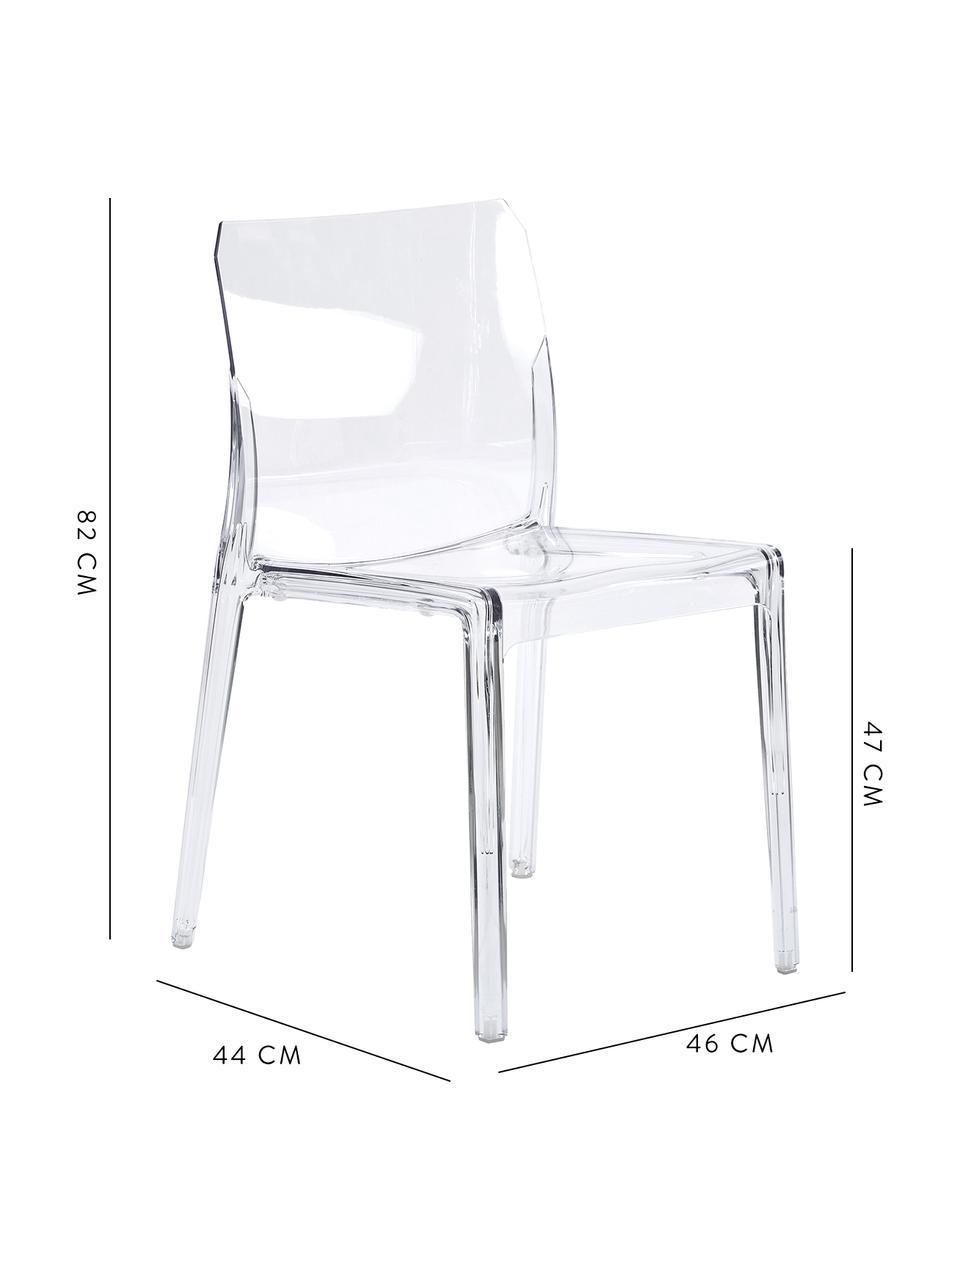 Průhledná židle zumělé hmoty Mia, Transparentní